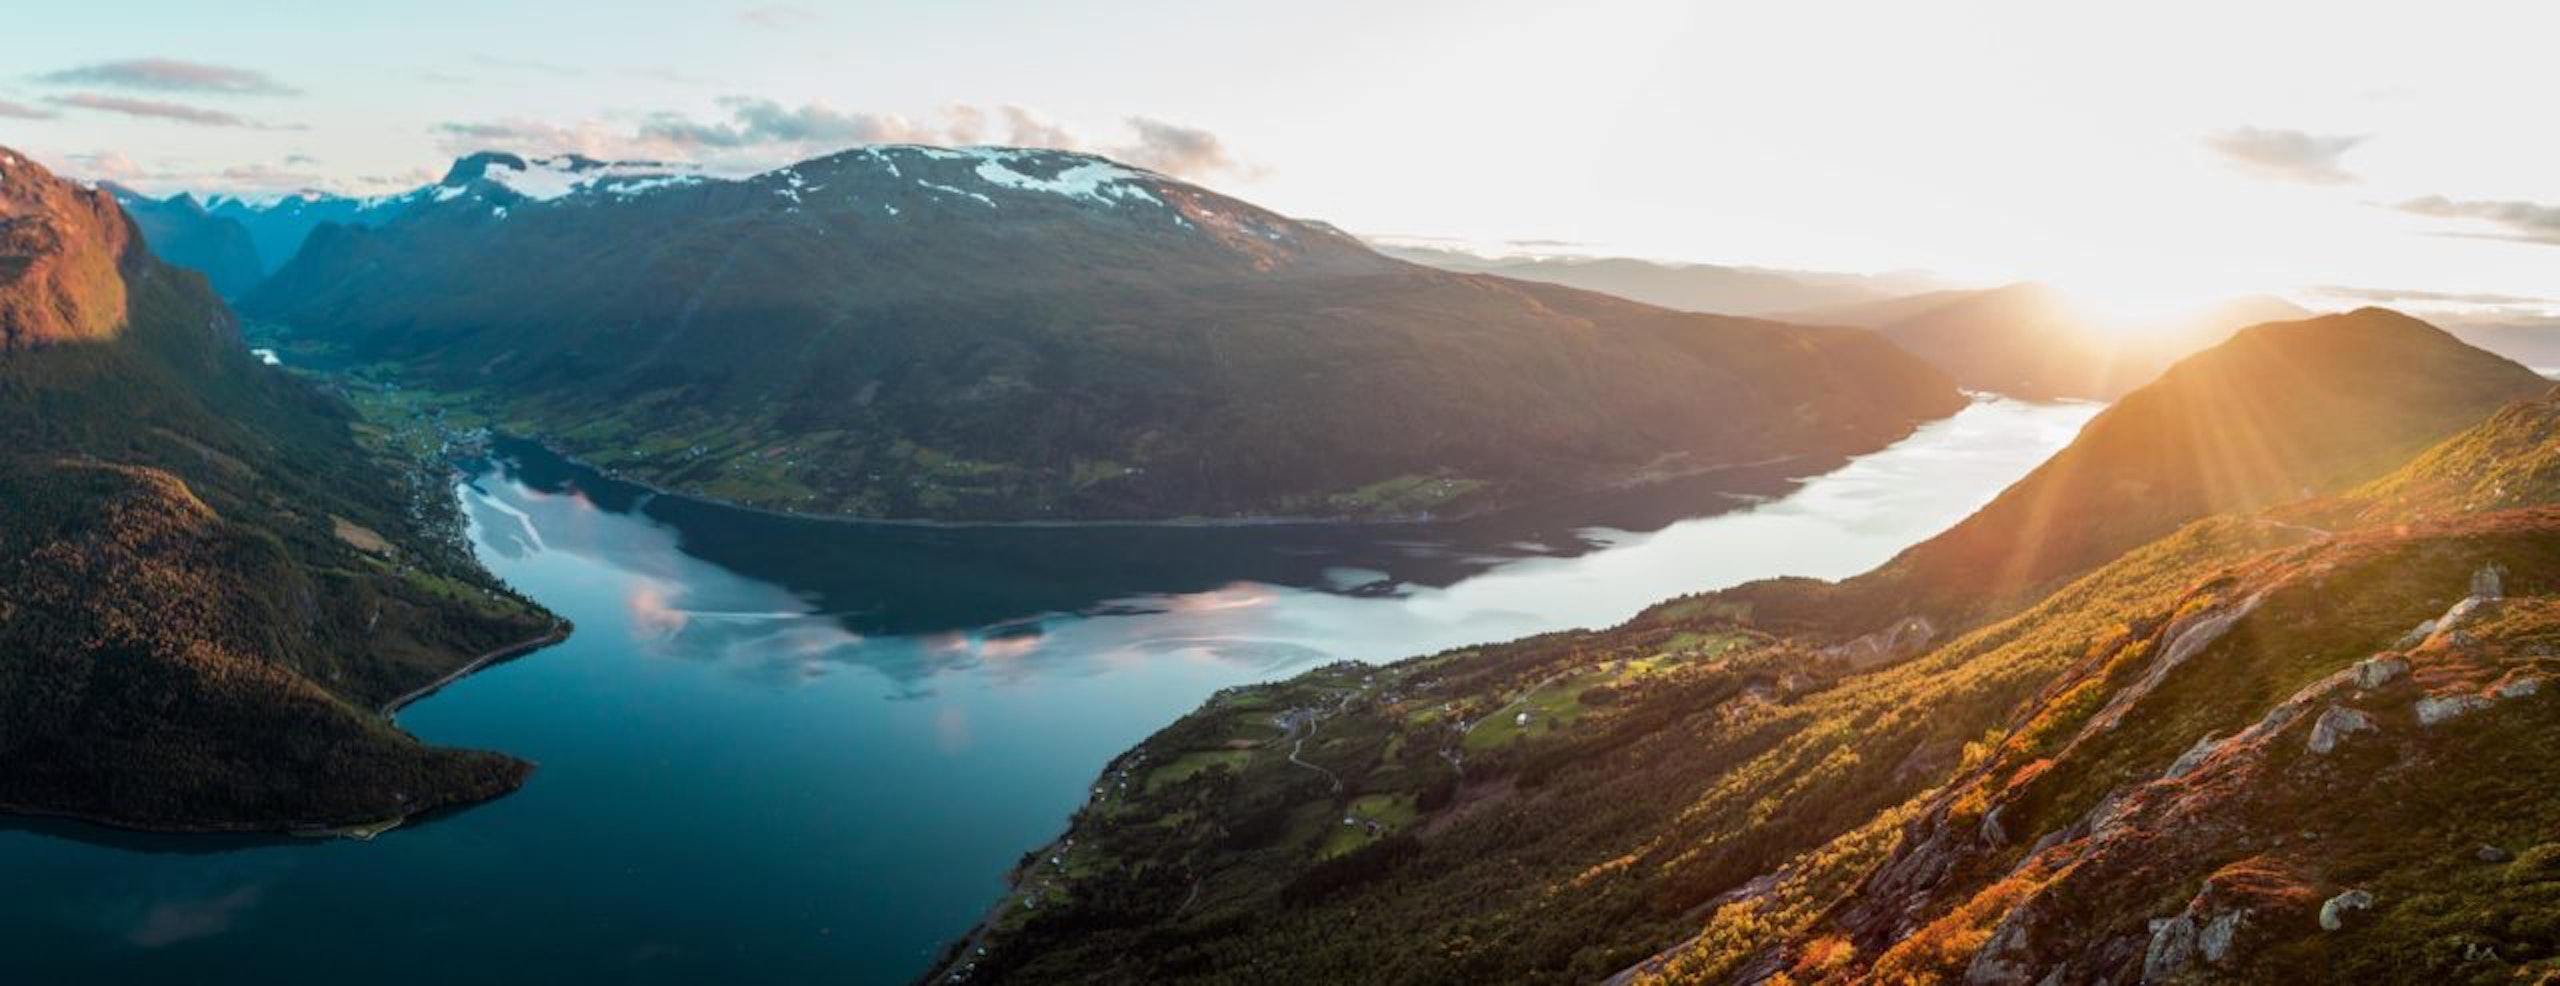 West-Noorwegen